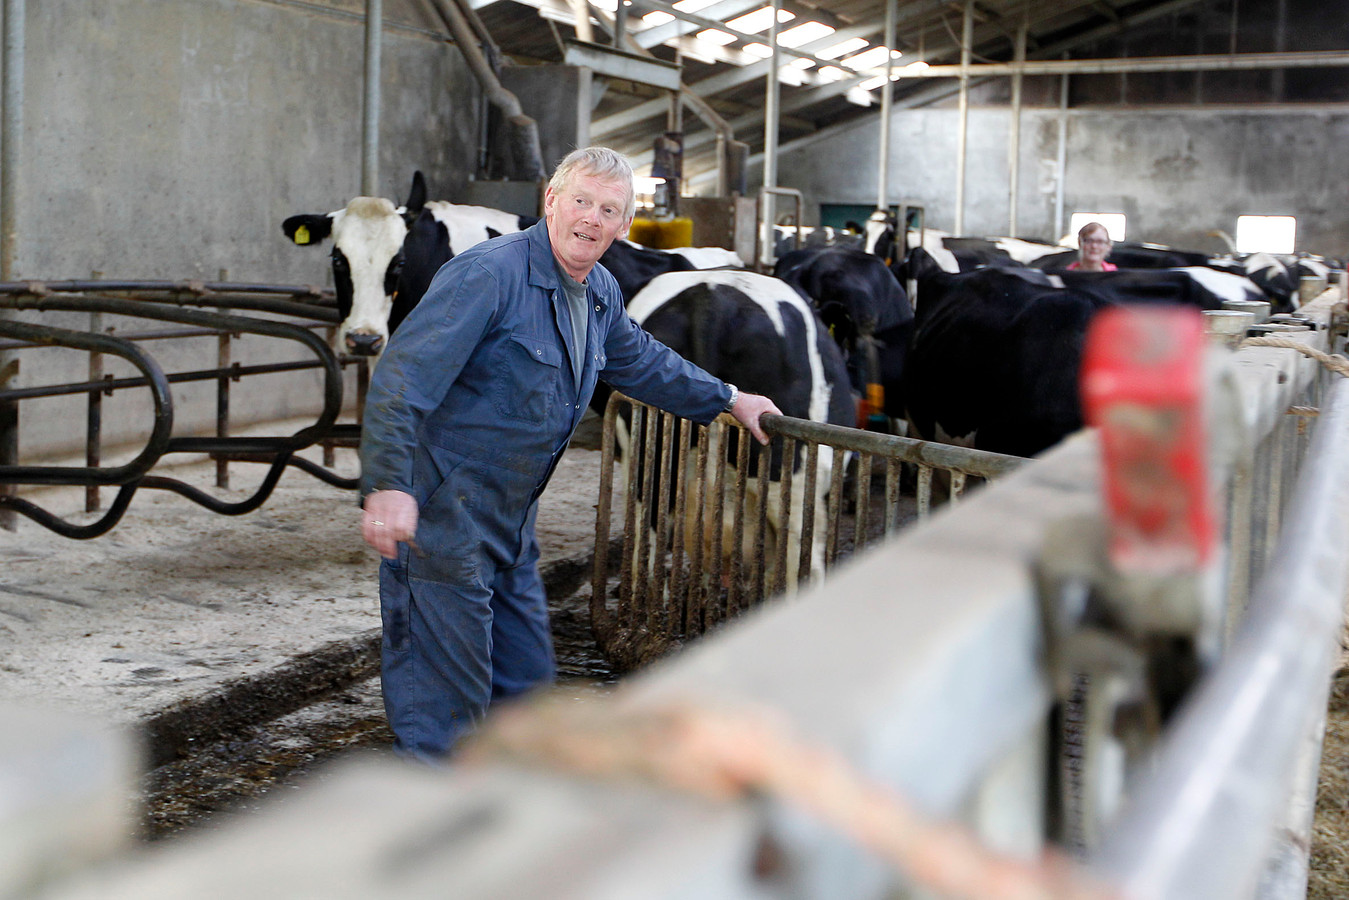 De bypass zorgt ervoor dat boeren hun land verliezen. Zij worden uitgekocht. De een gaat rentenieren, de ander bouwt elders een nieuw bestaan op. Gerrit Netjes is de eerste boer die vertrekt. Naar een nieuwe boerderij in Eemdijk.